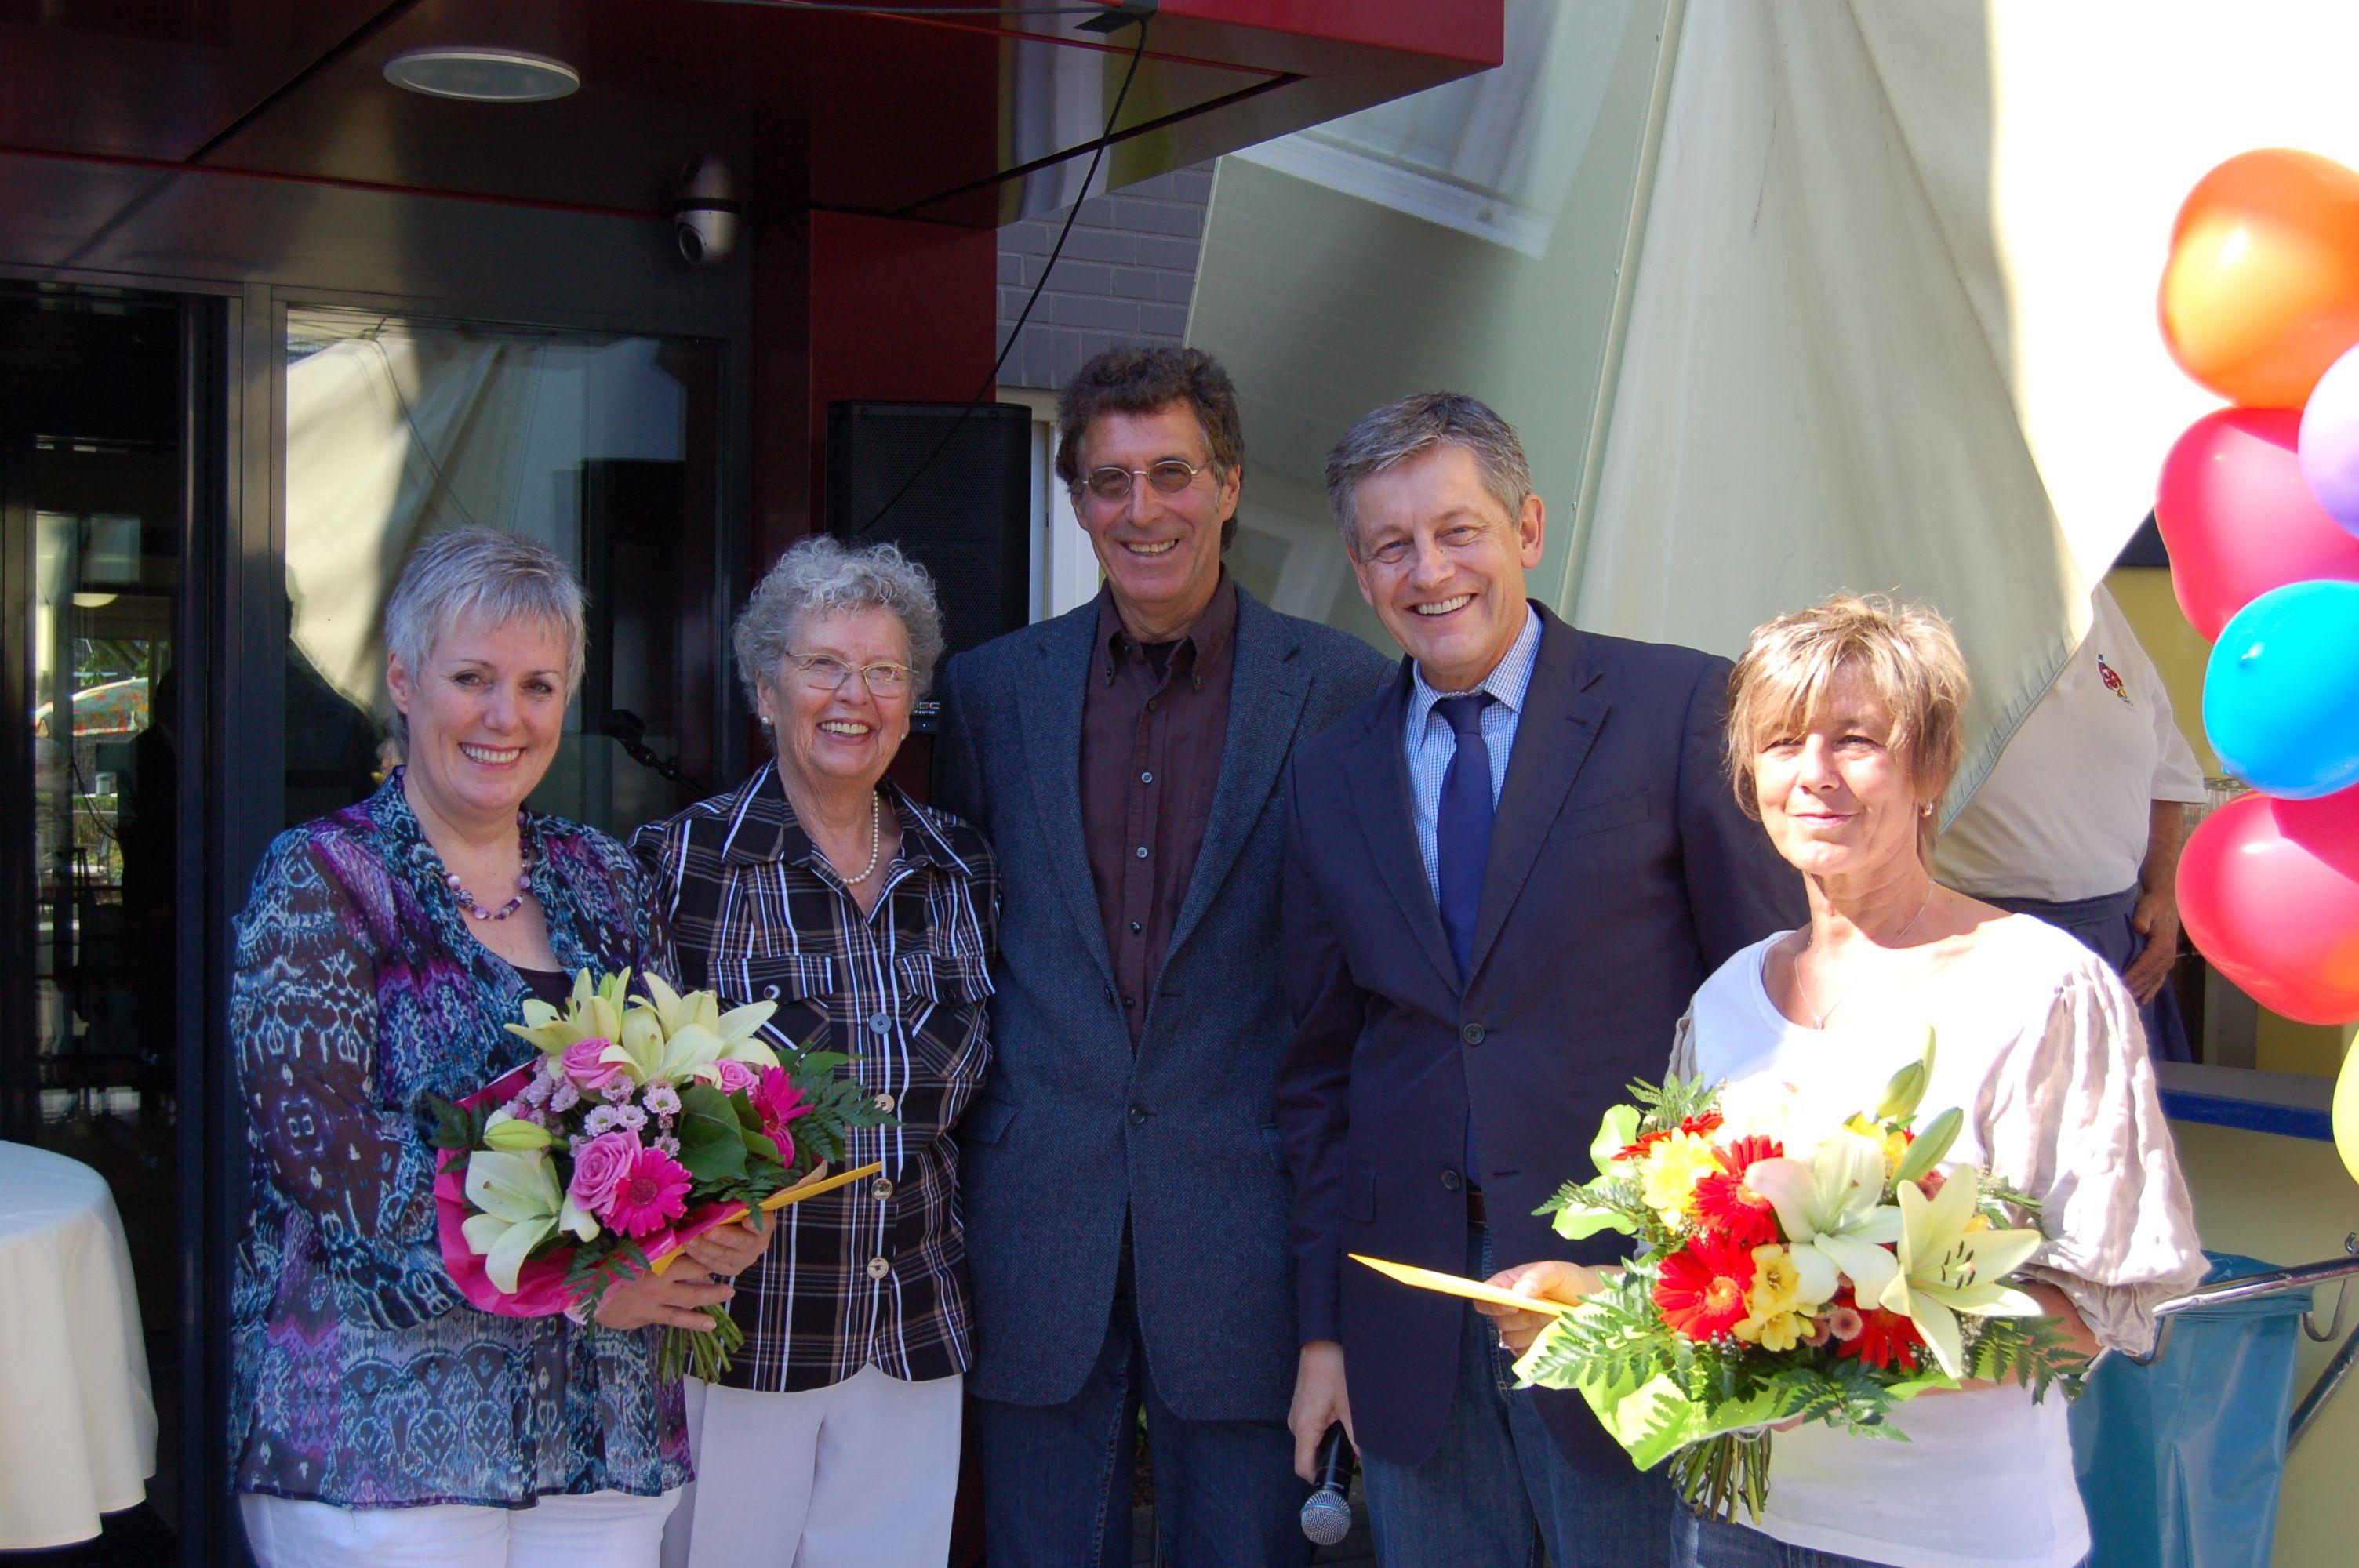 Von links: Renate Jülicher (Einrichtungsleiterin), Helga Köhler (Förderverein Gebrüder Coblenz Stift), Ossi Werner Helling (Vorsitzender des Aufsichtsrates der SBK), Otto B. Ludorff (SBK-Geschäftsführer) und Andrea Eyermann (Pflegedienstleiterin) bei der Eröffnung des Städtischen Seniorenzentrums Köln-Buchforst